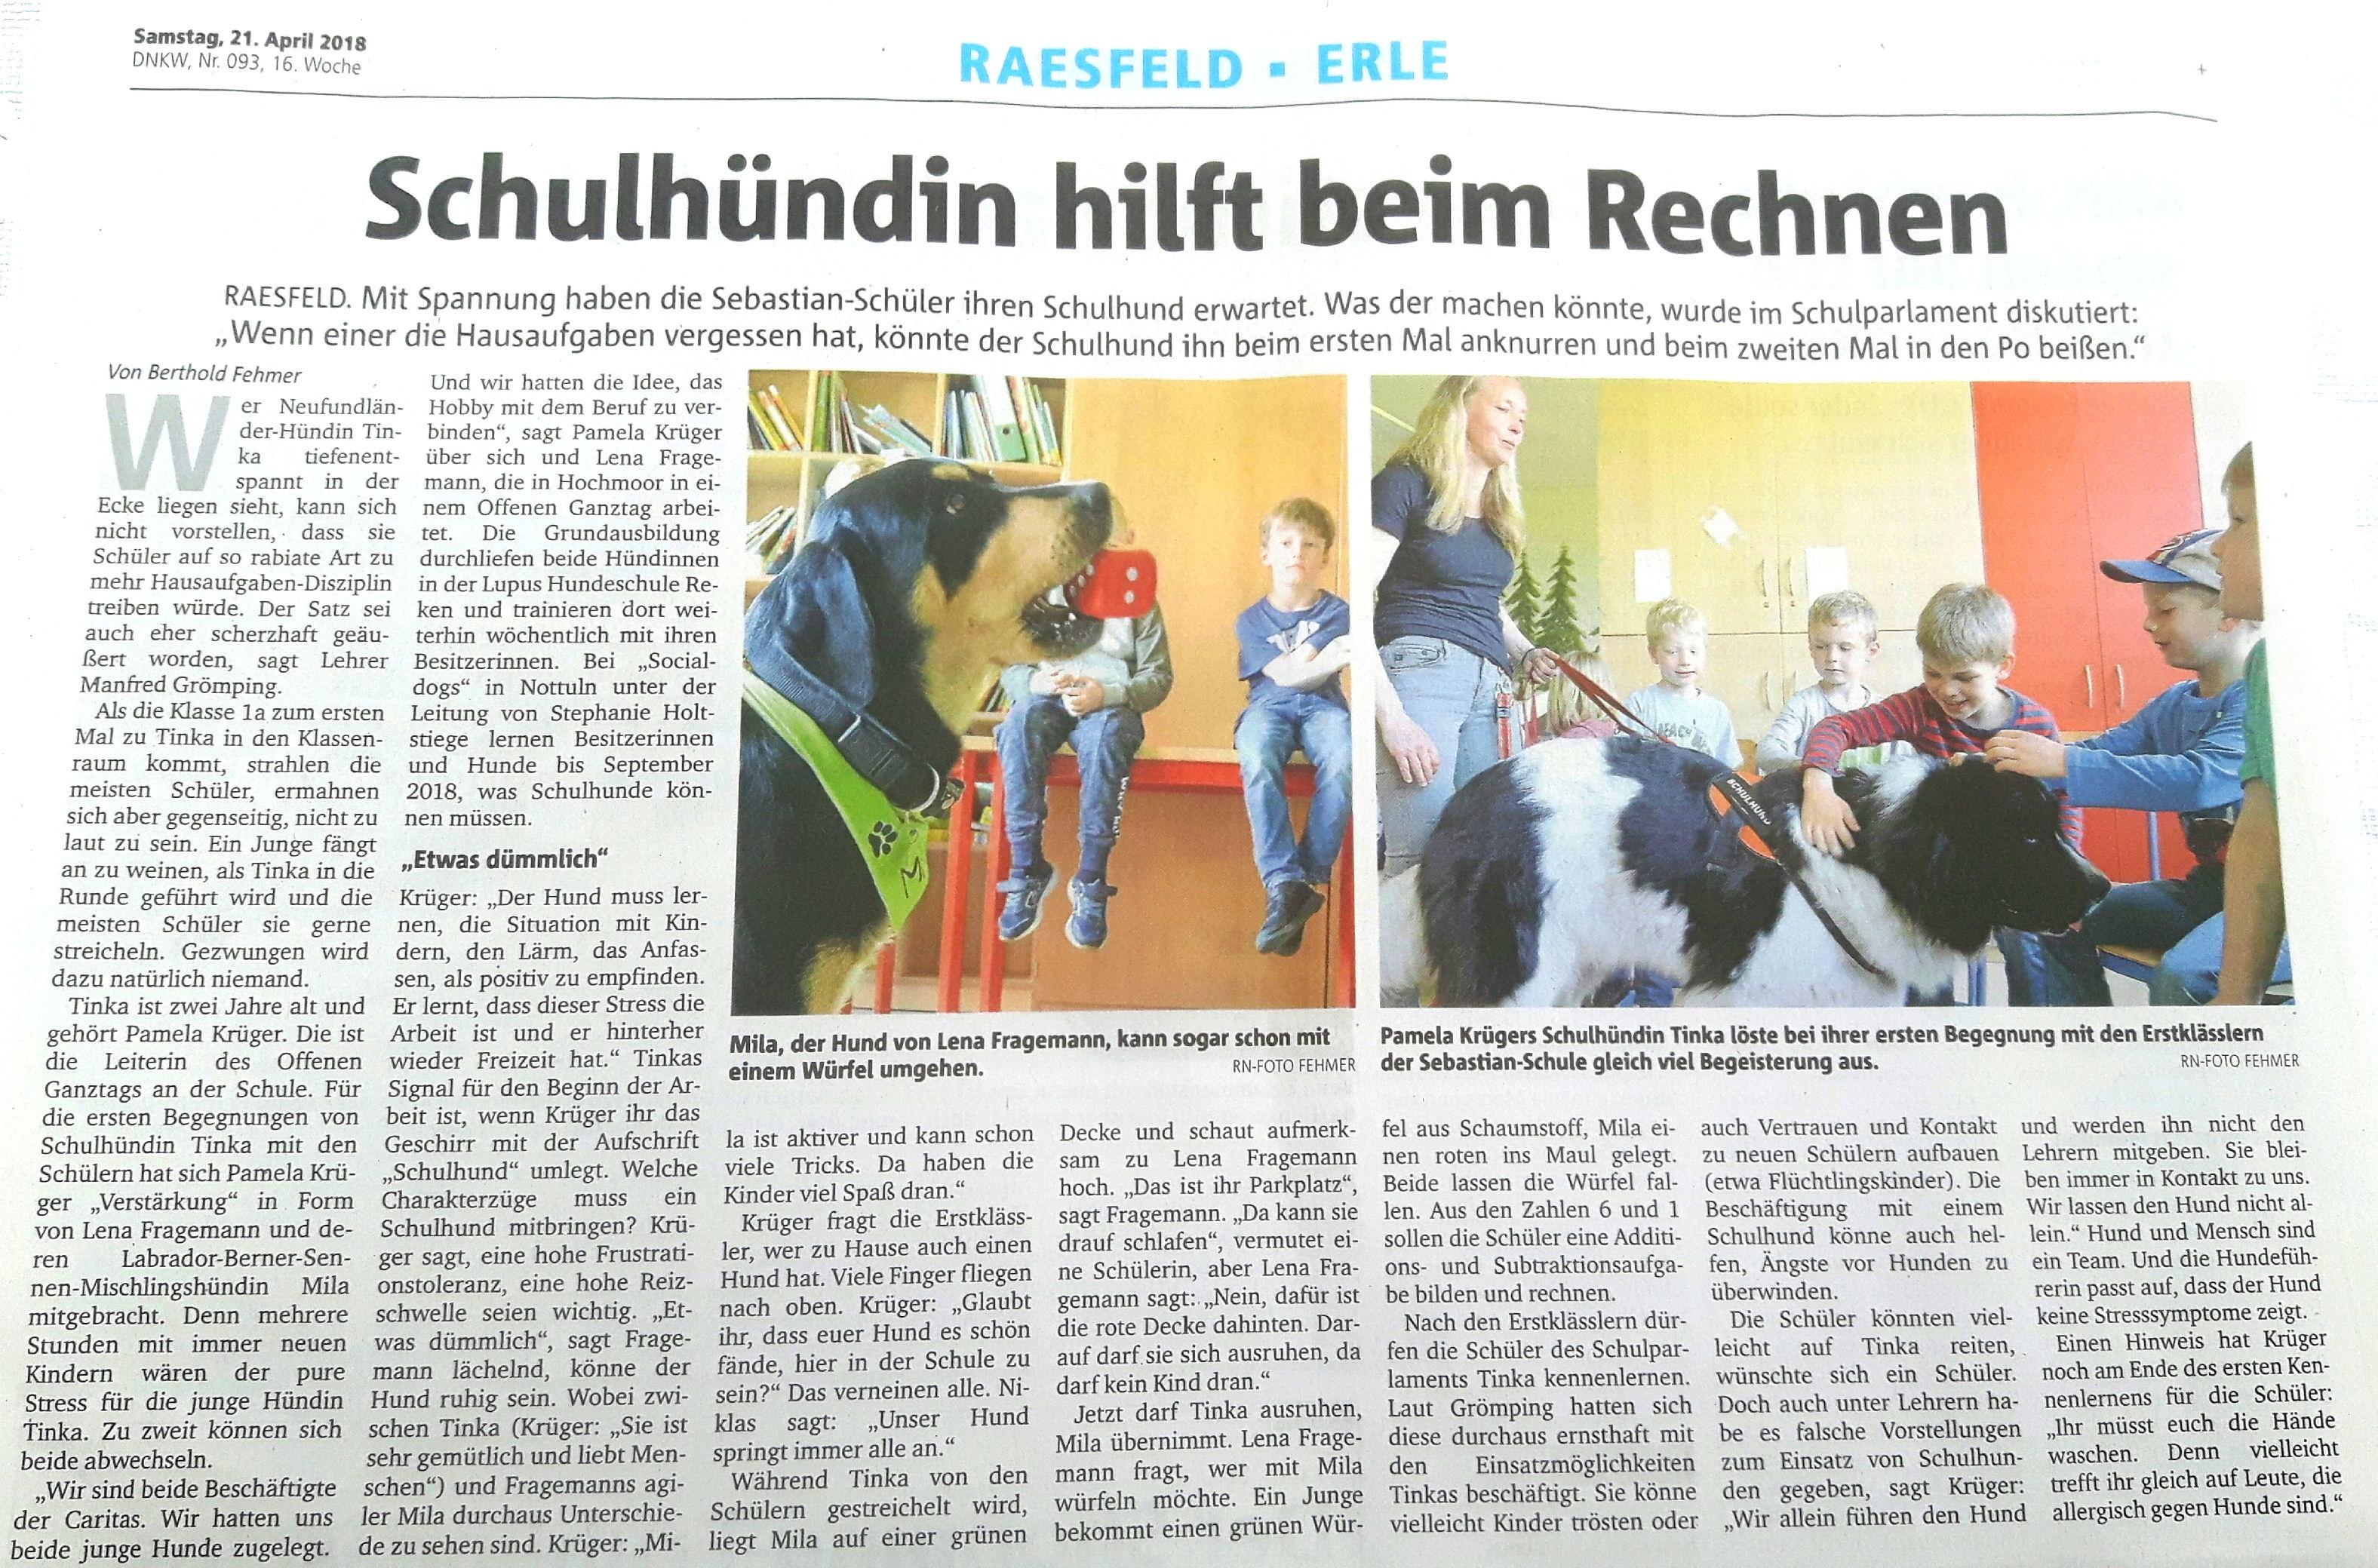 Fein Erfahrener Lehrer Nimmt Das Ziel Wieder Auf Galerie - Beispiel ...